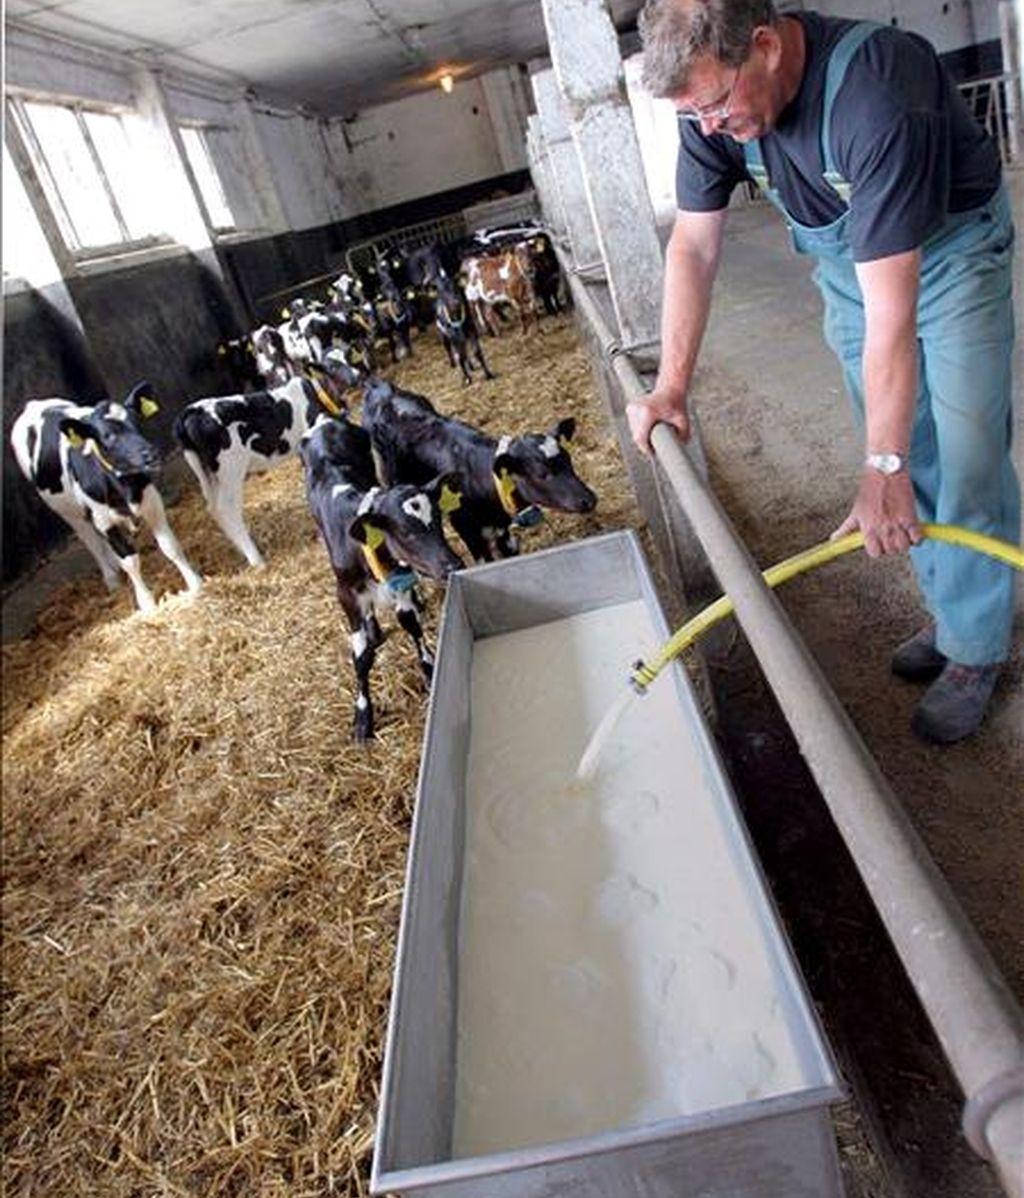 El Gobierno de Alemania analiza si existen responsabilidades penales en la contaminación con dioxina de piensos para animales, incidente que ha obligado a cerrar al menos un millar de granjas avícolas y porcinas en todo el país. EFE/Archivo